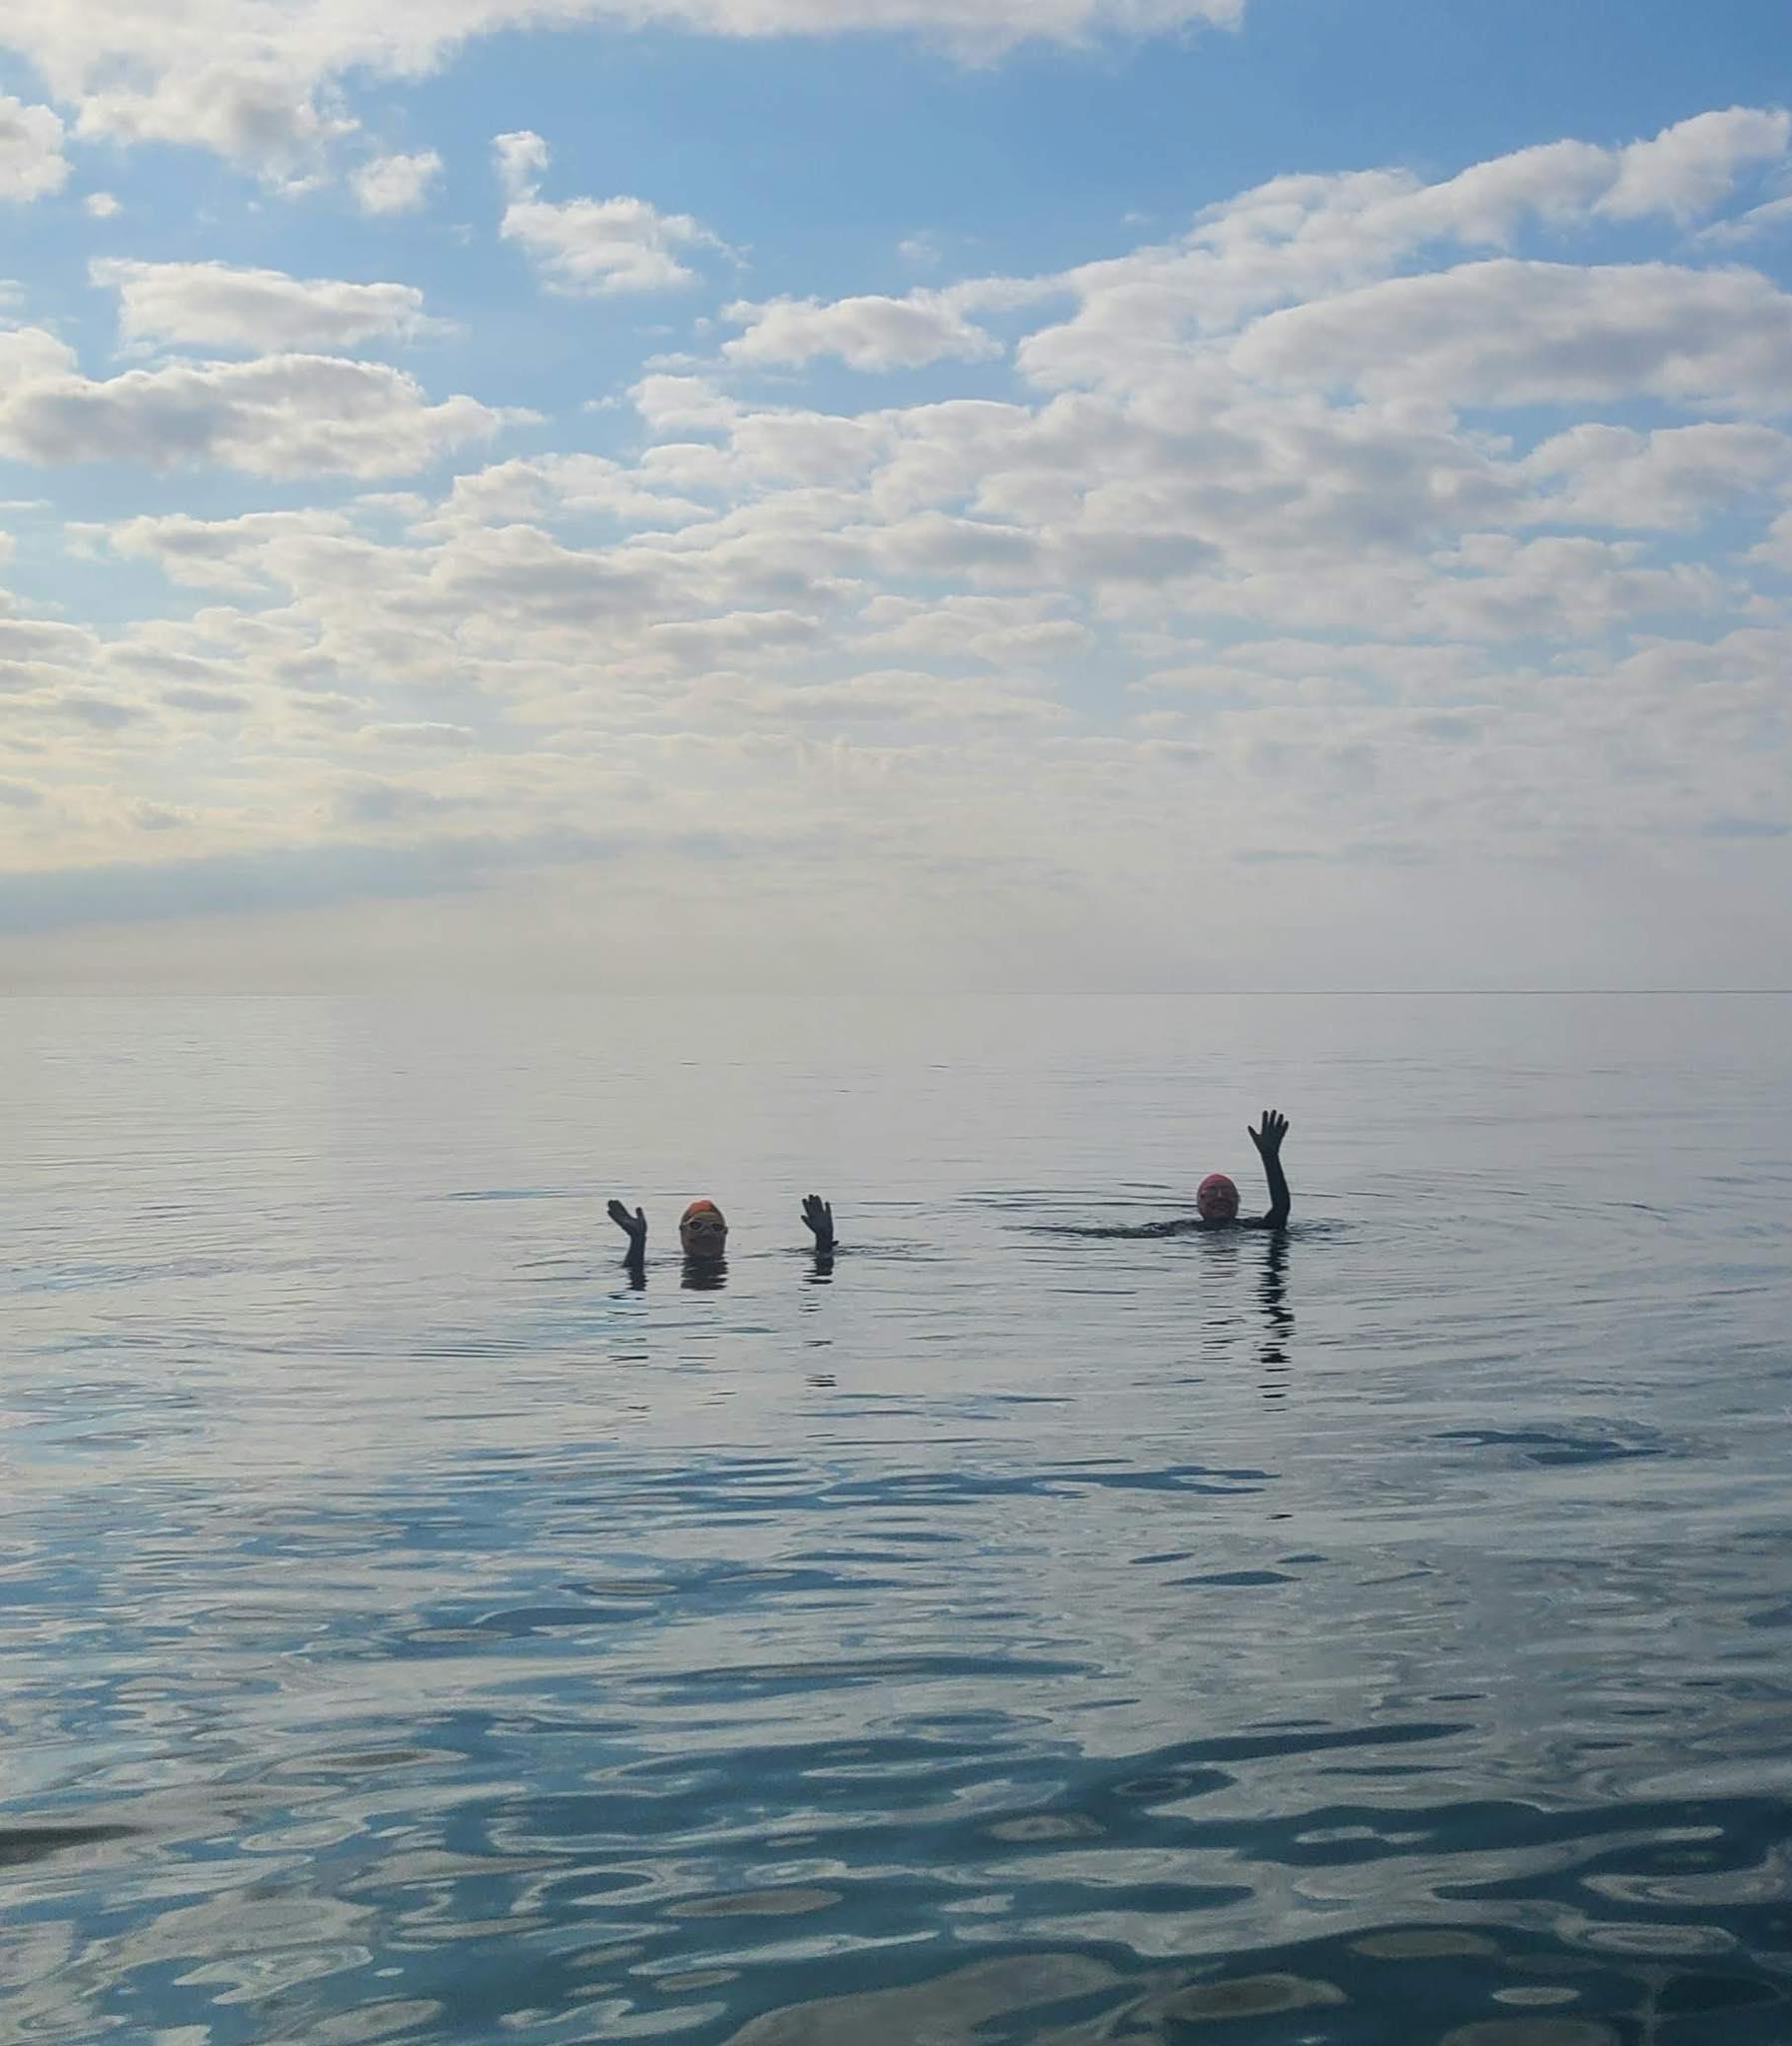 Sea swimming in the Isle of Man